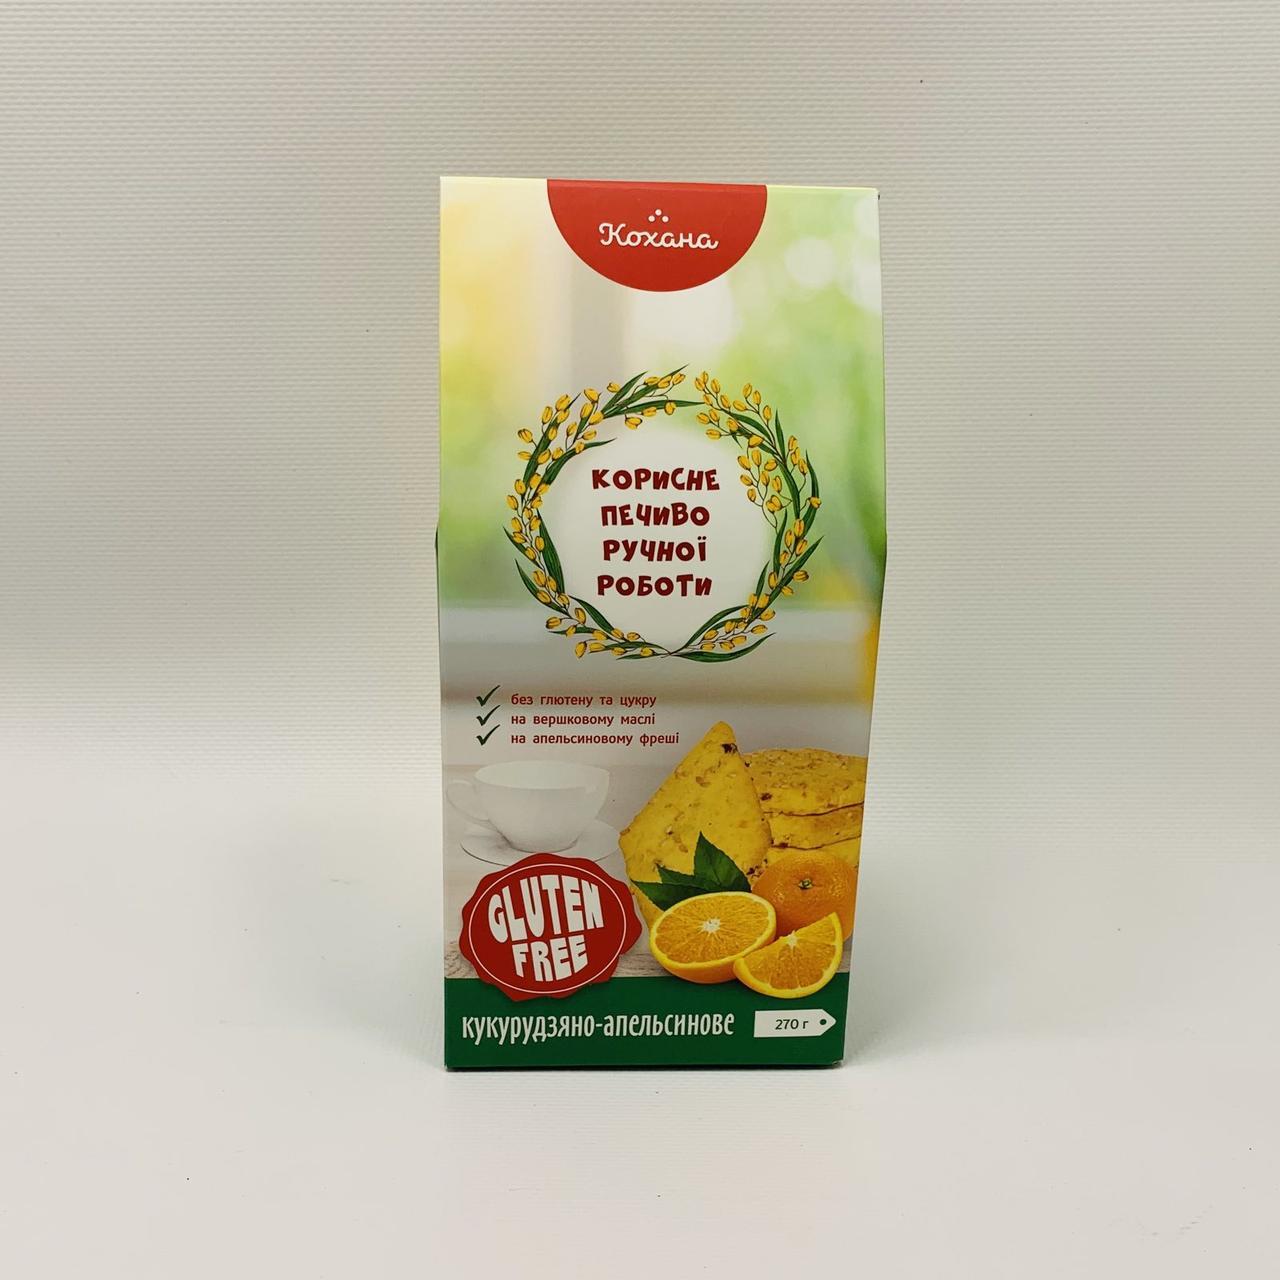 Натуральное печенье без глютена КОХАНА кукурузно-апельсиновое, 270 г